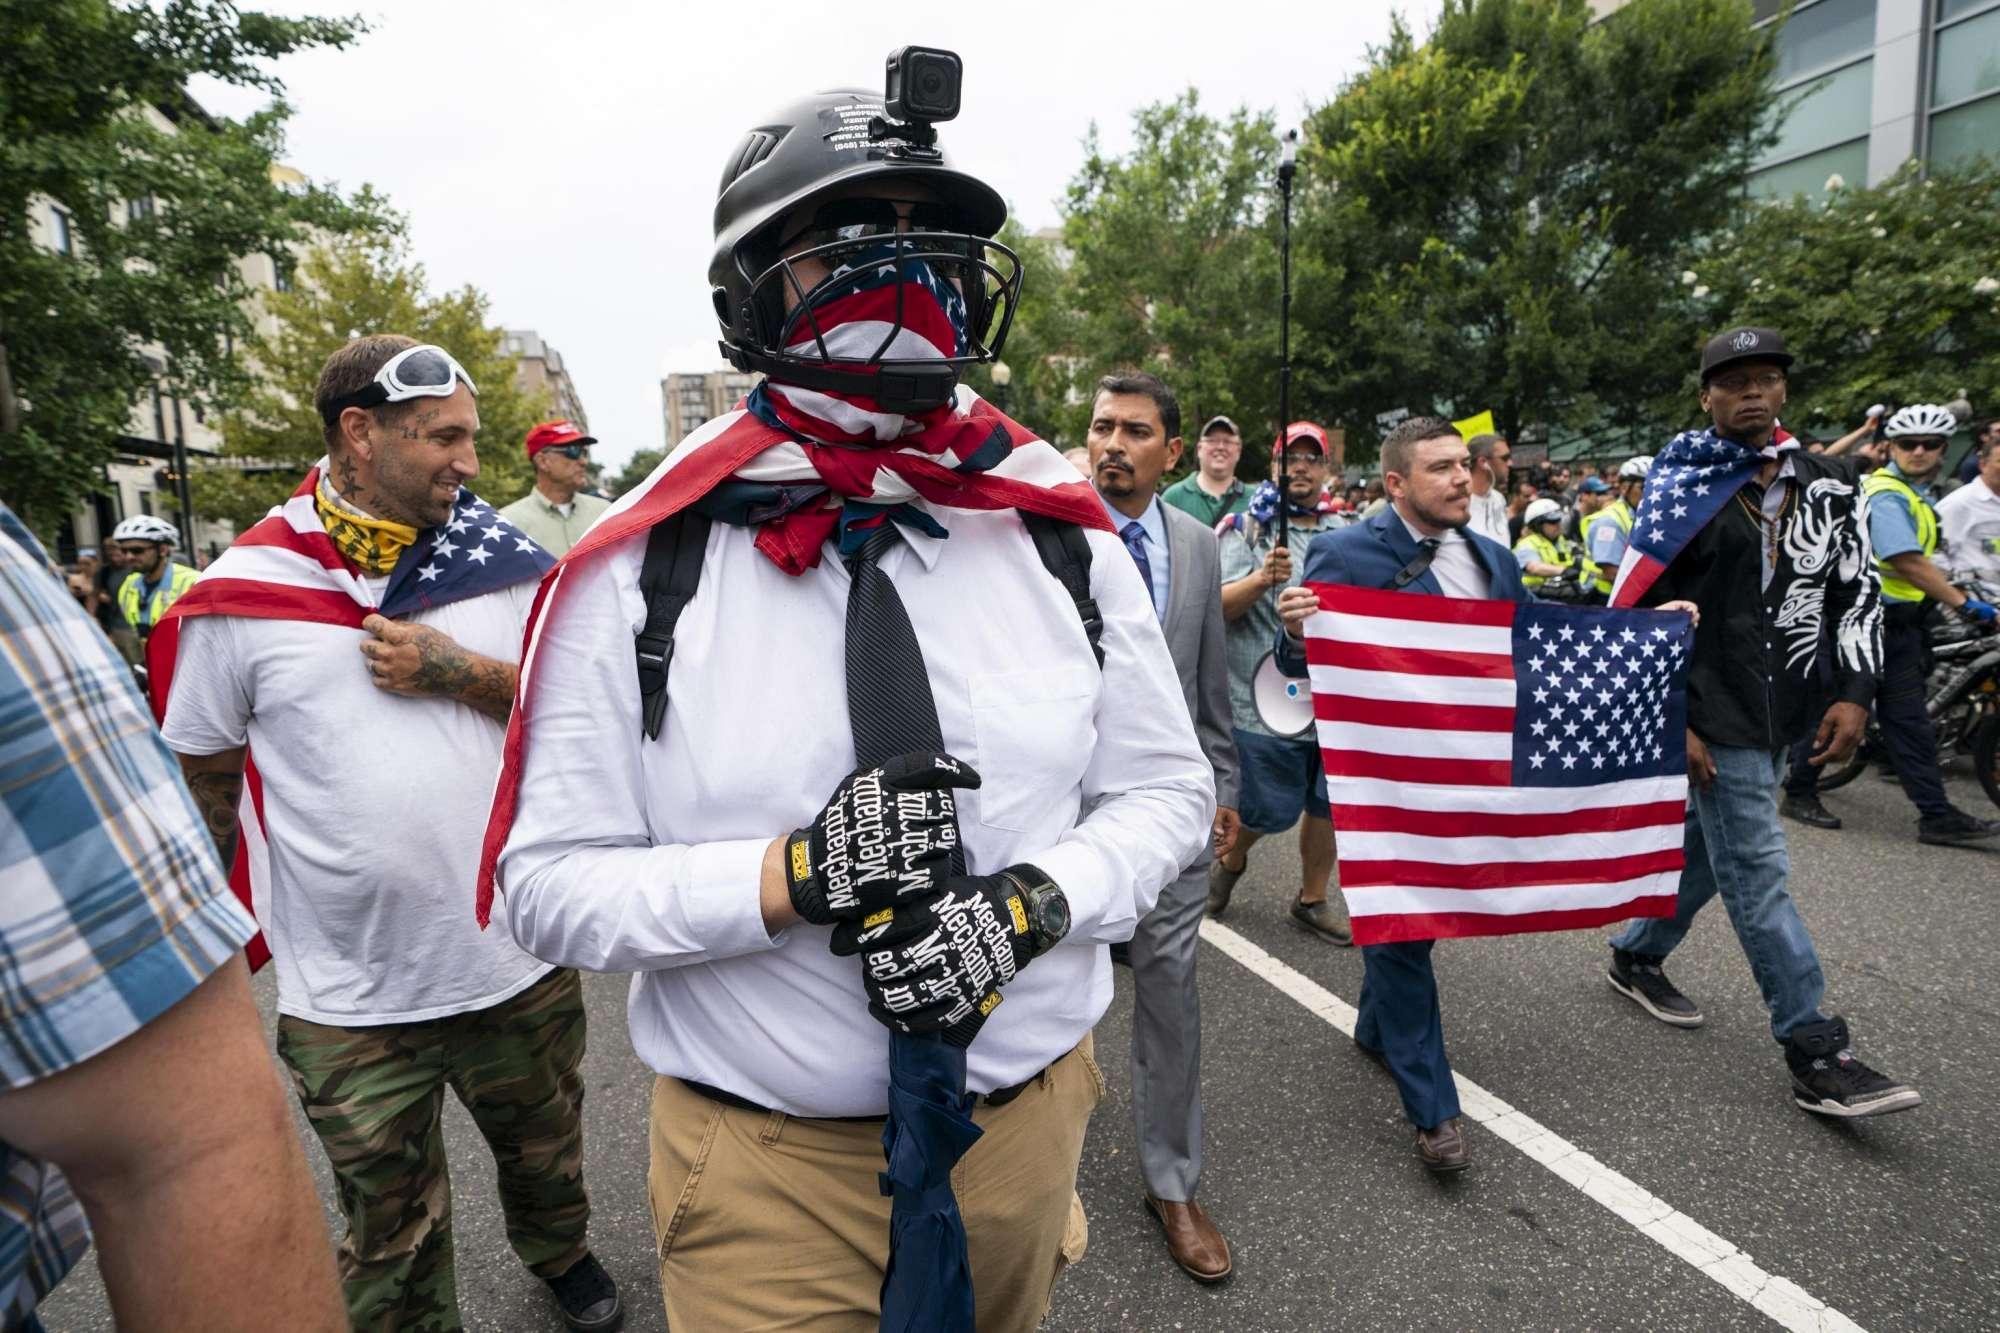 Un anno fa Charlottesville: a Washington sfila l ultradestra, contro-manifestazione dei progressisti